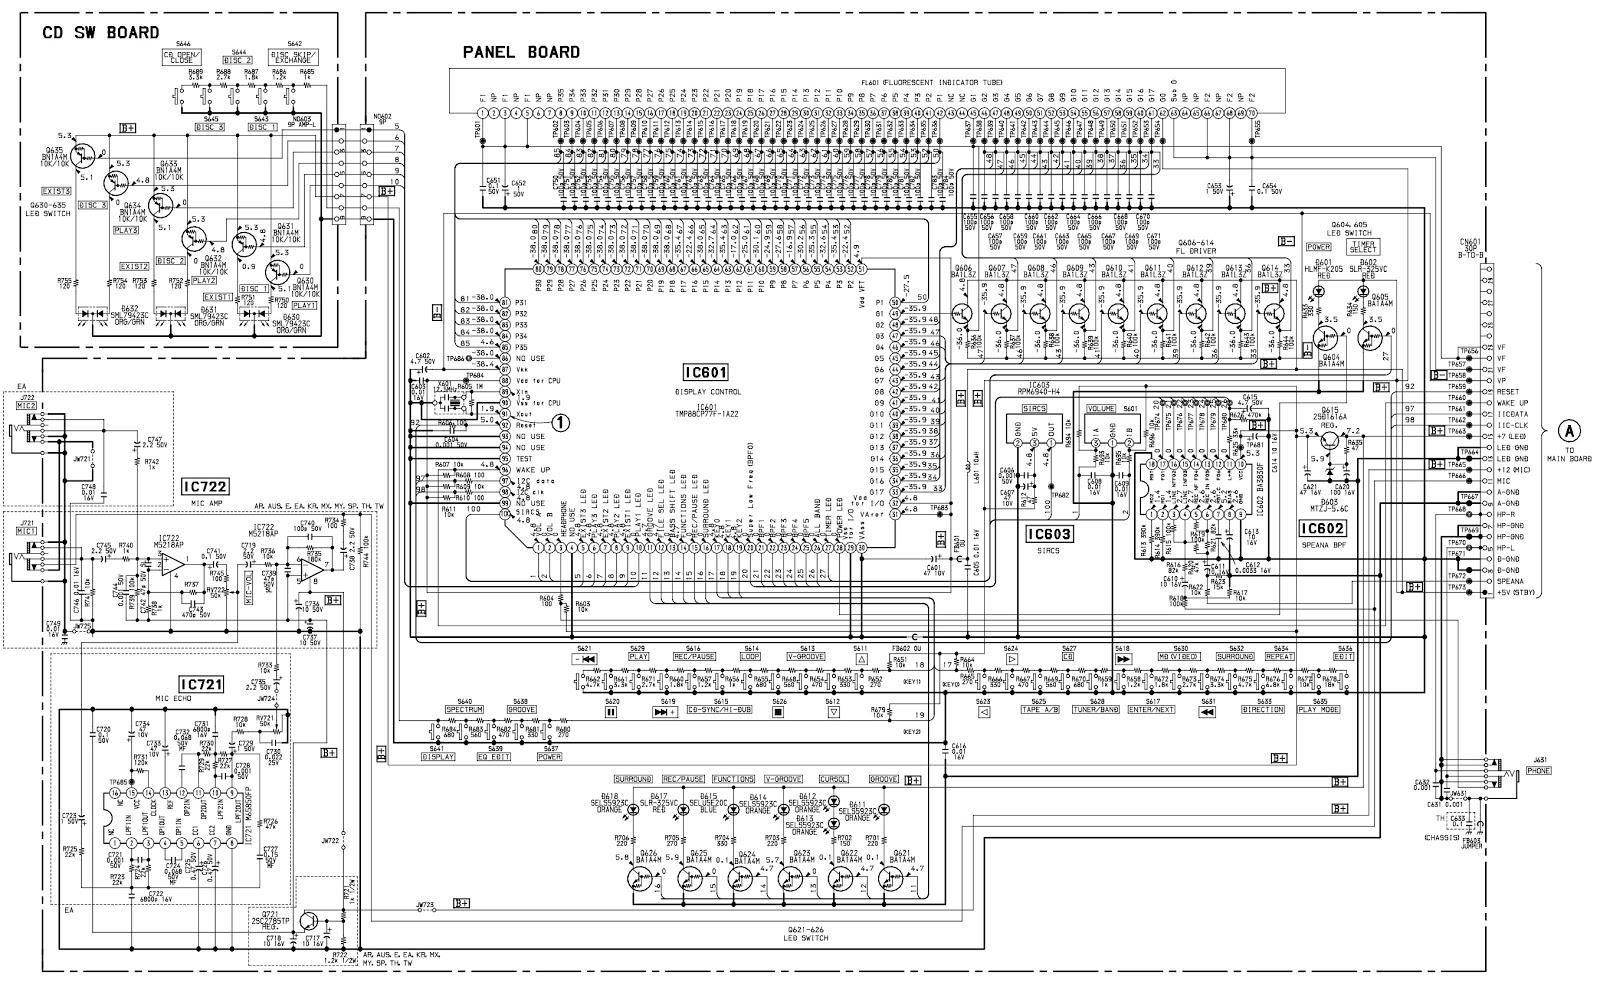 Electro Help Sony Hcdbx5